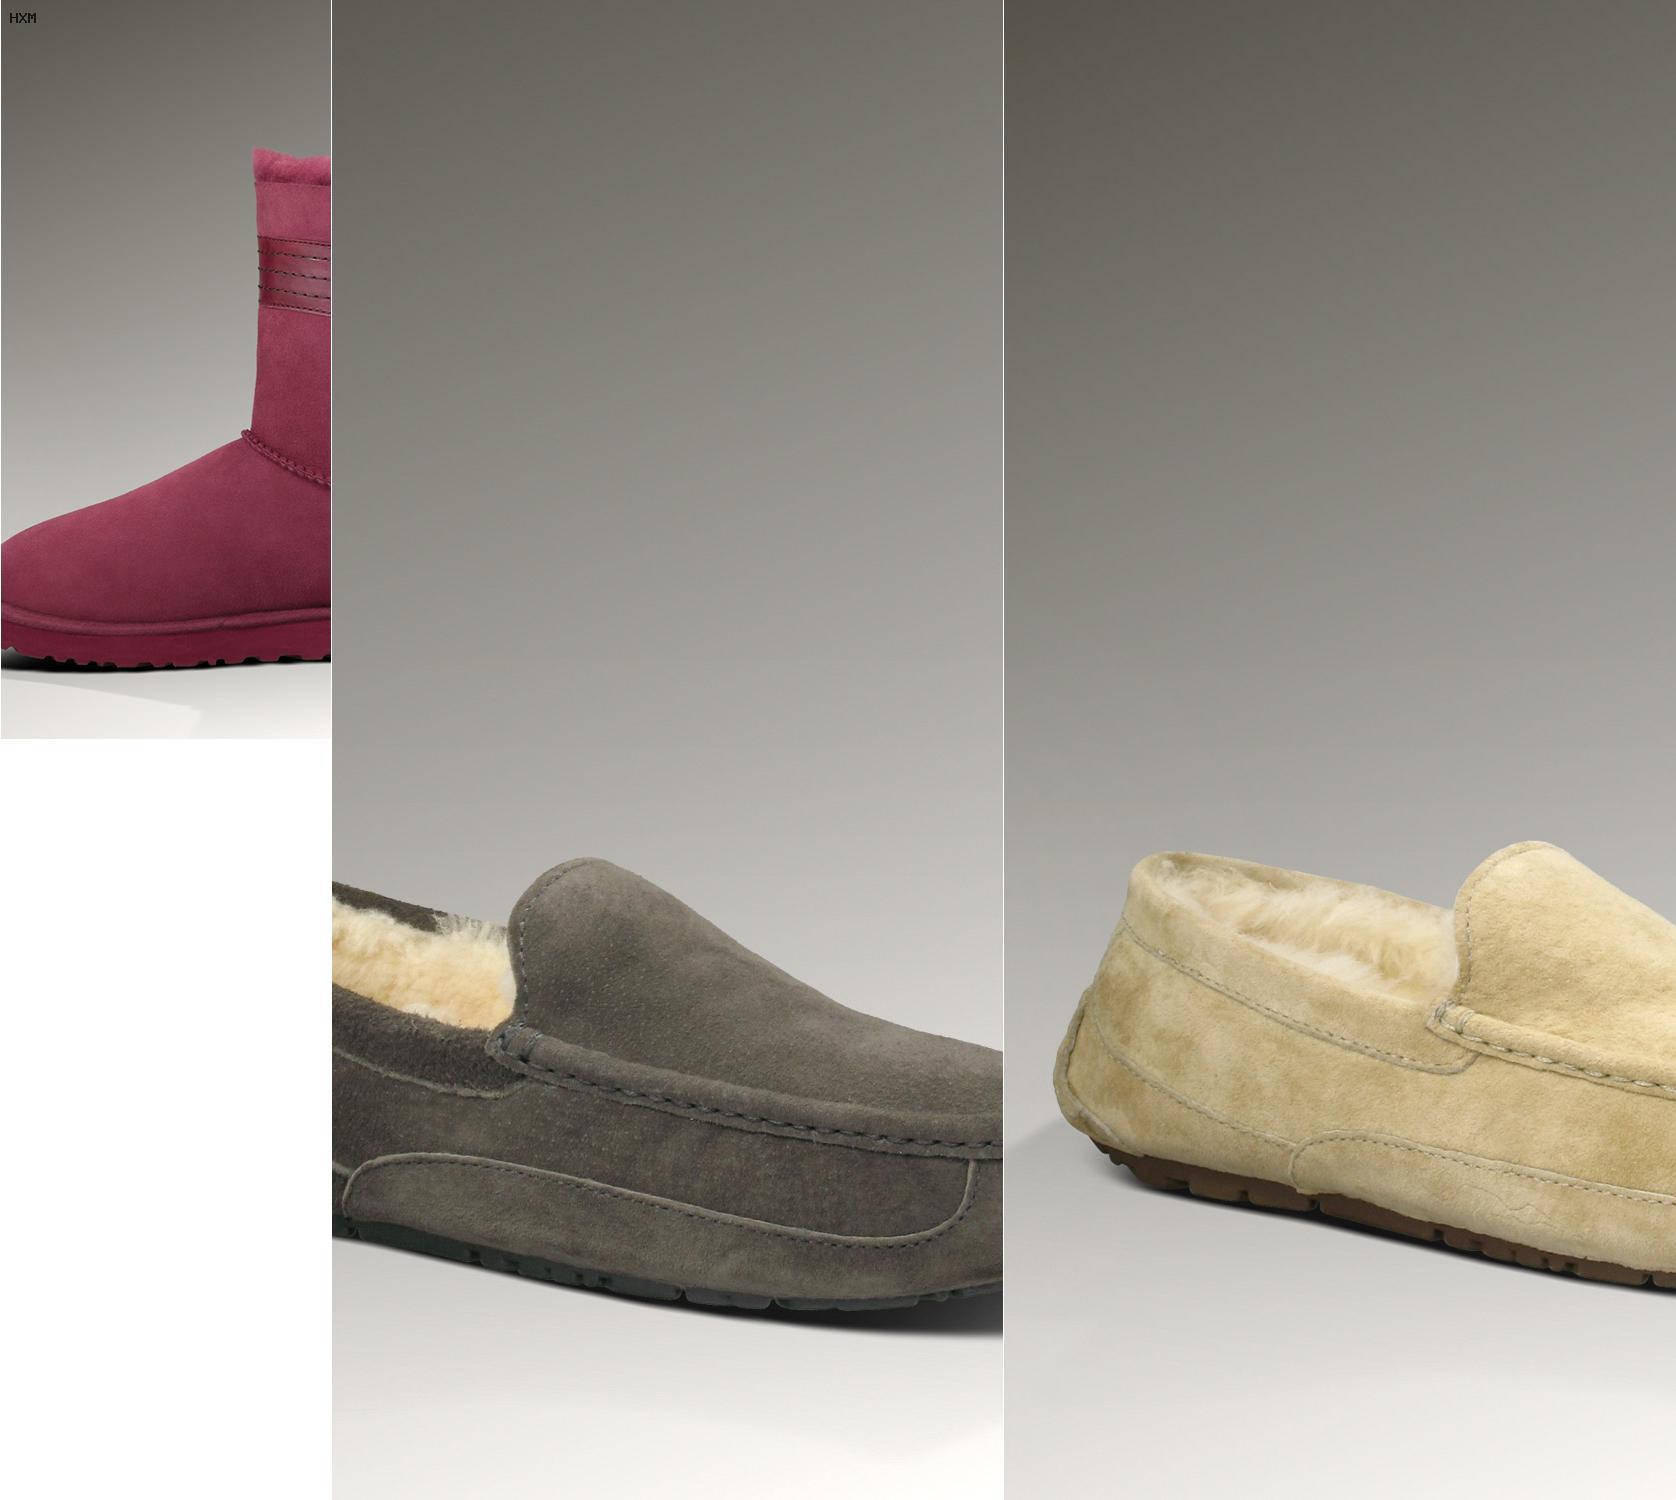 botas estilo ugg comprar